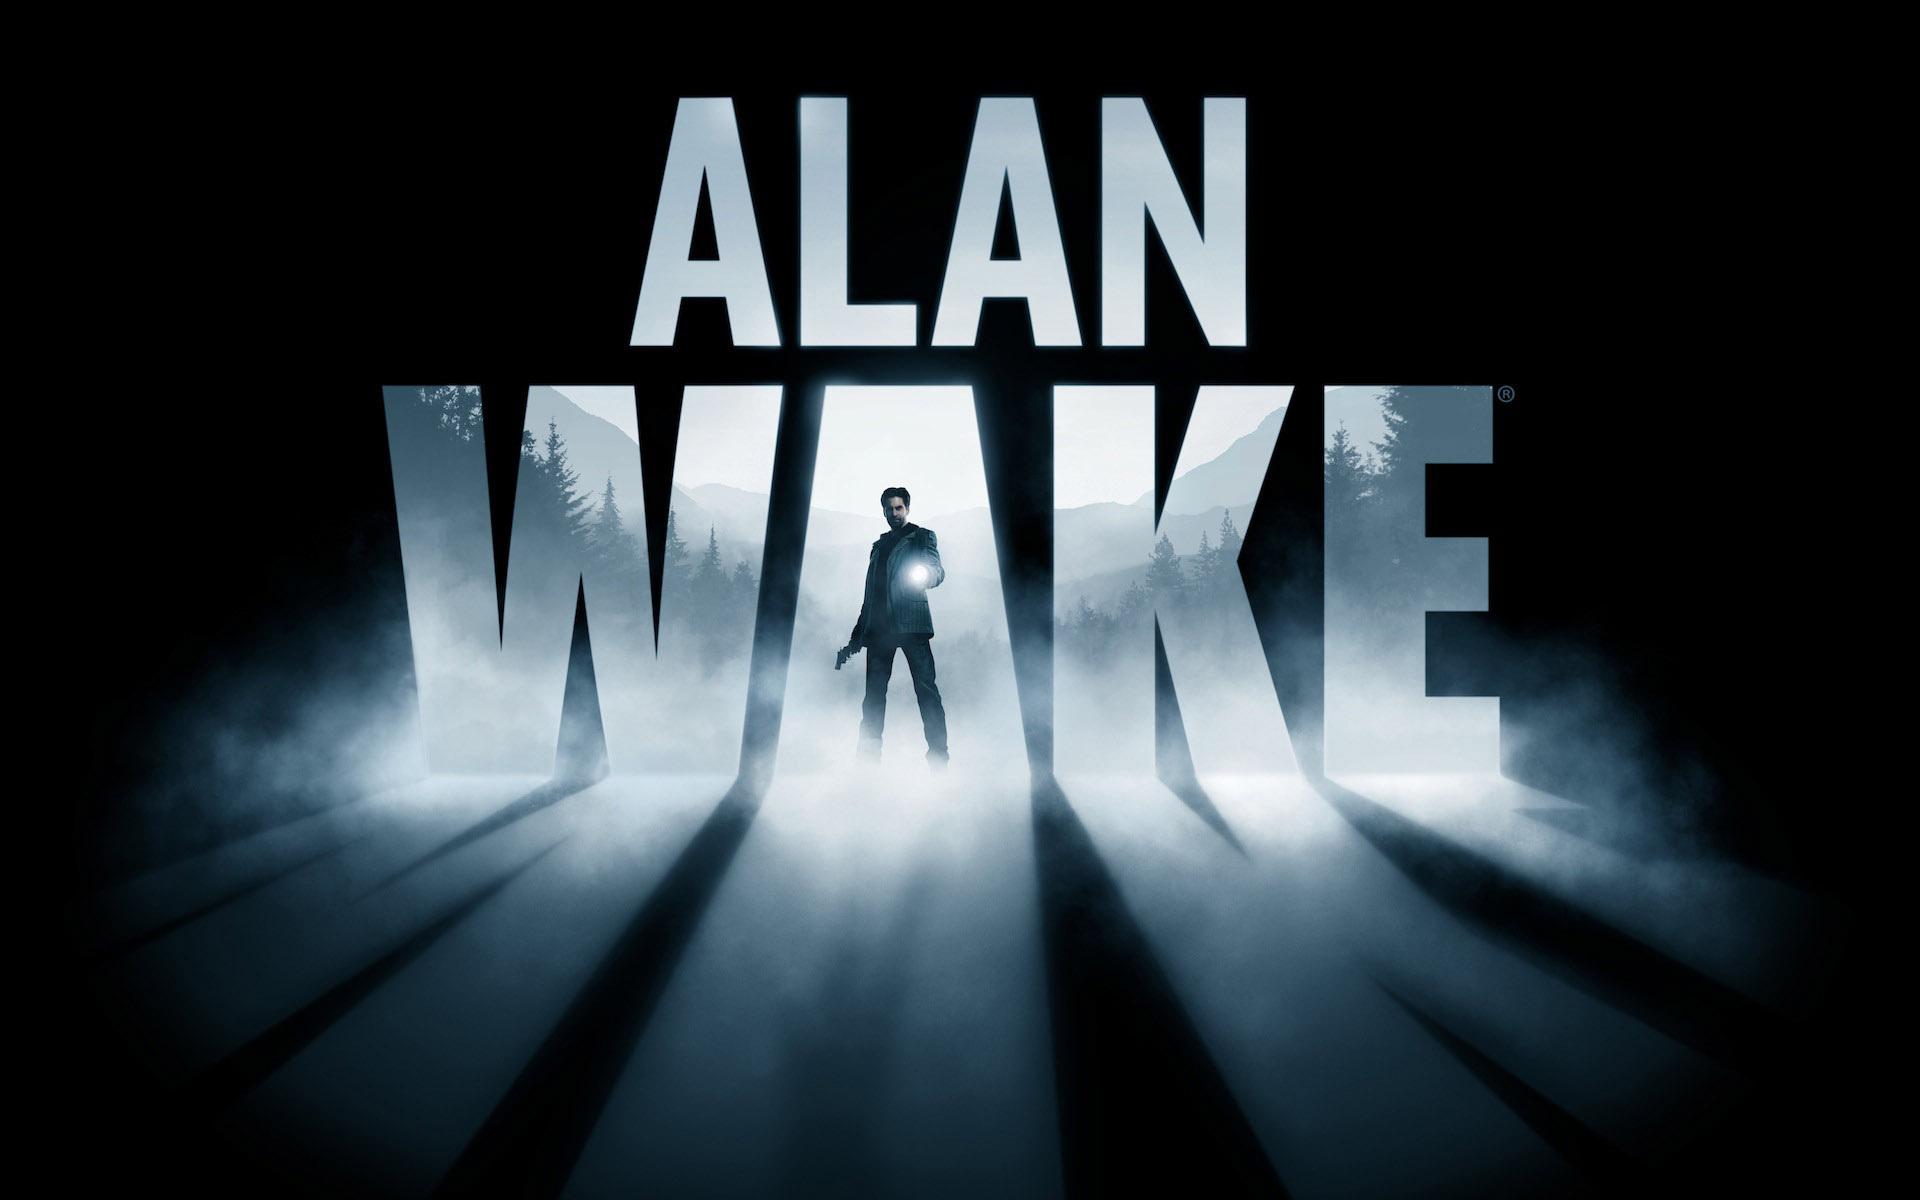 سی دی کی اریجینال استیم بازی Alan Wake - Collector's Edition